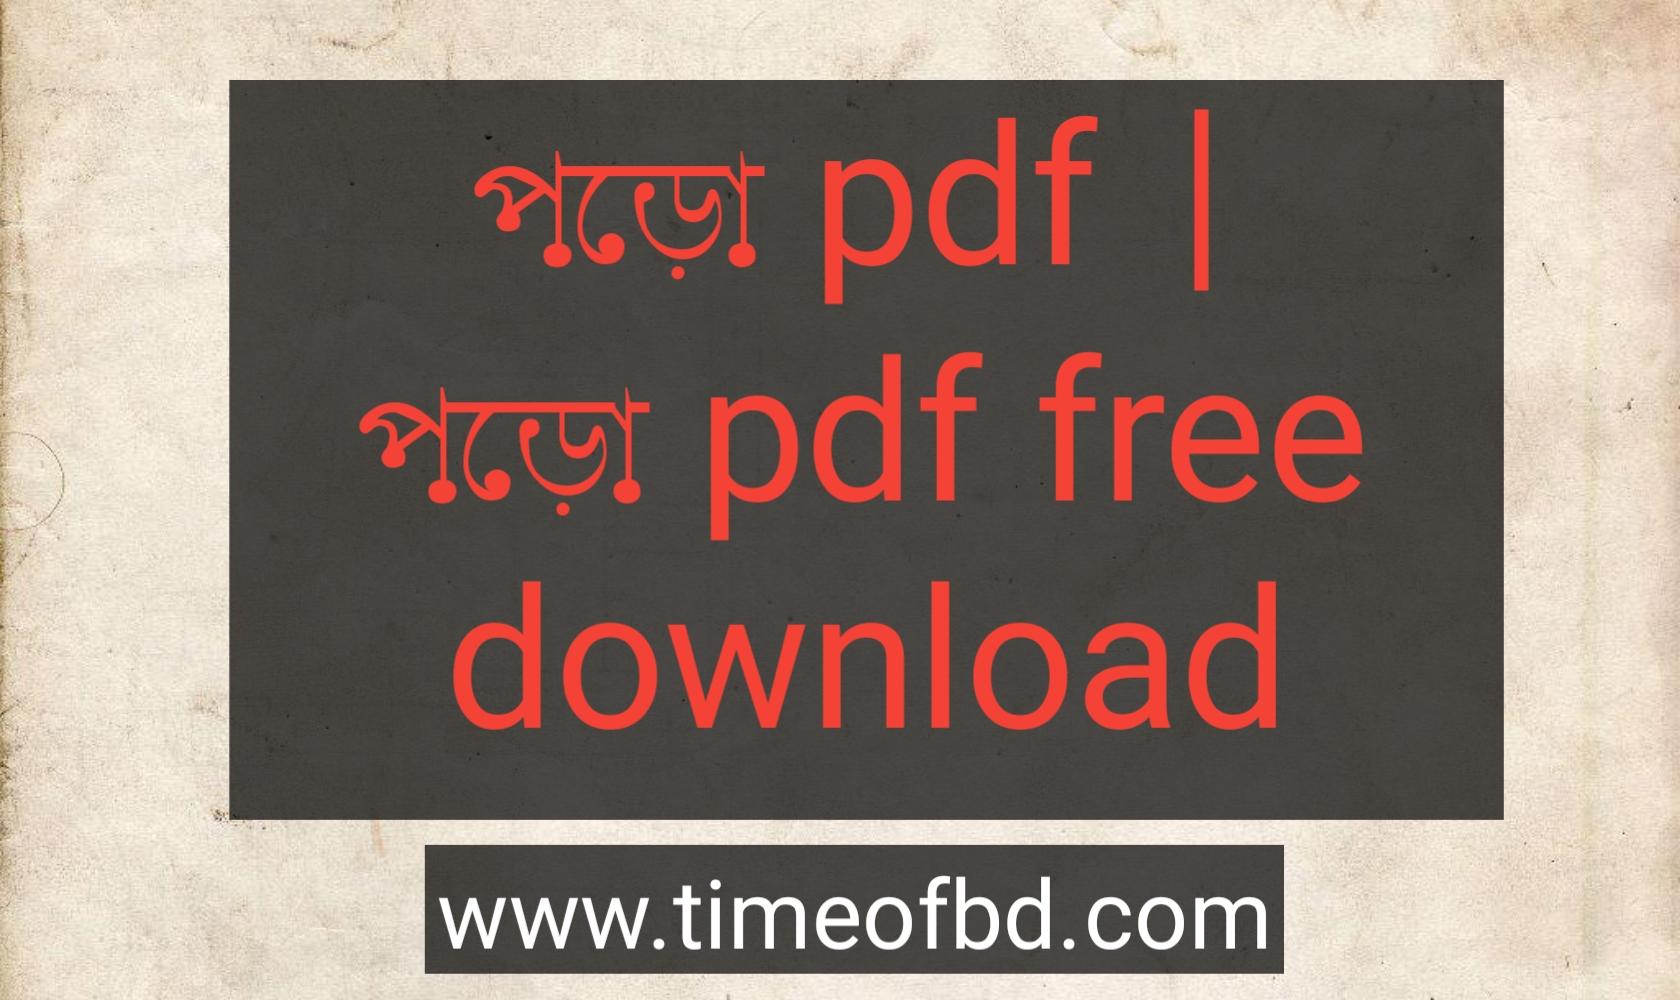 পড়ো pdf, পড়ো pdf download, পড়ো পিডিএফ ডাউনলোড, পড়ো পিডিএফ,